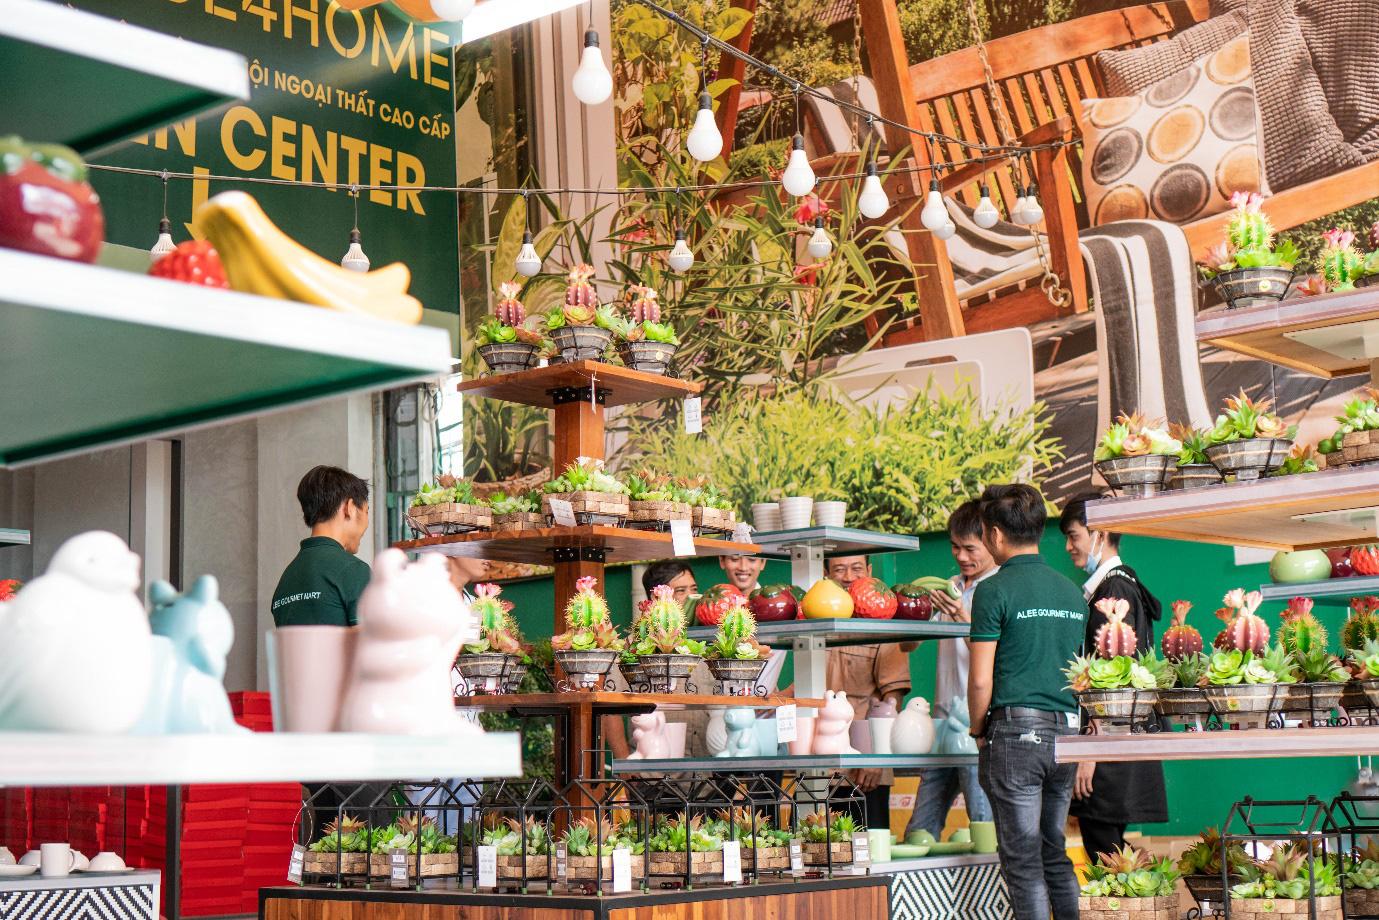 Made4Home Garden Center Bình Dương: Điểm đến mới lí tưởng cho cả gia đình vui chơi và mua sắm - Ảnh 5.